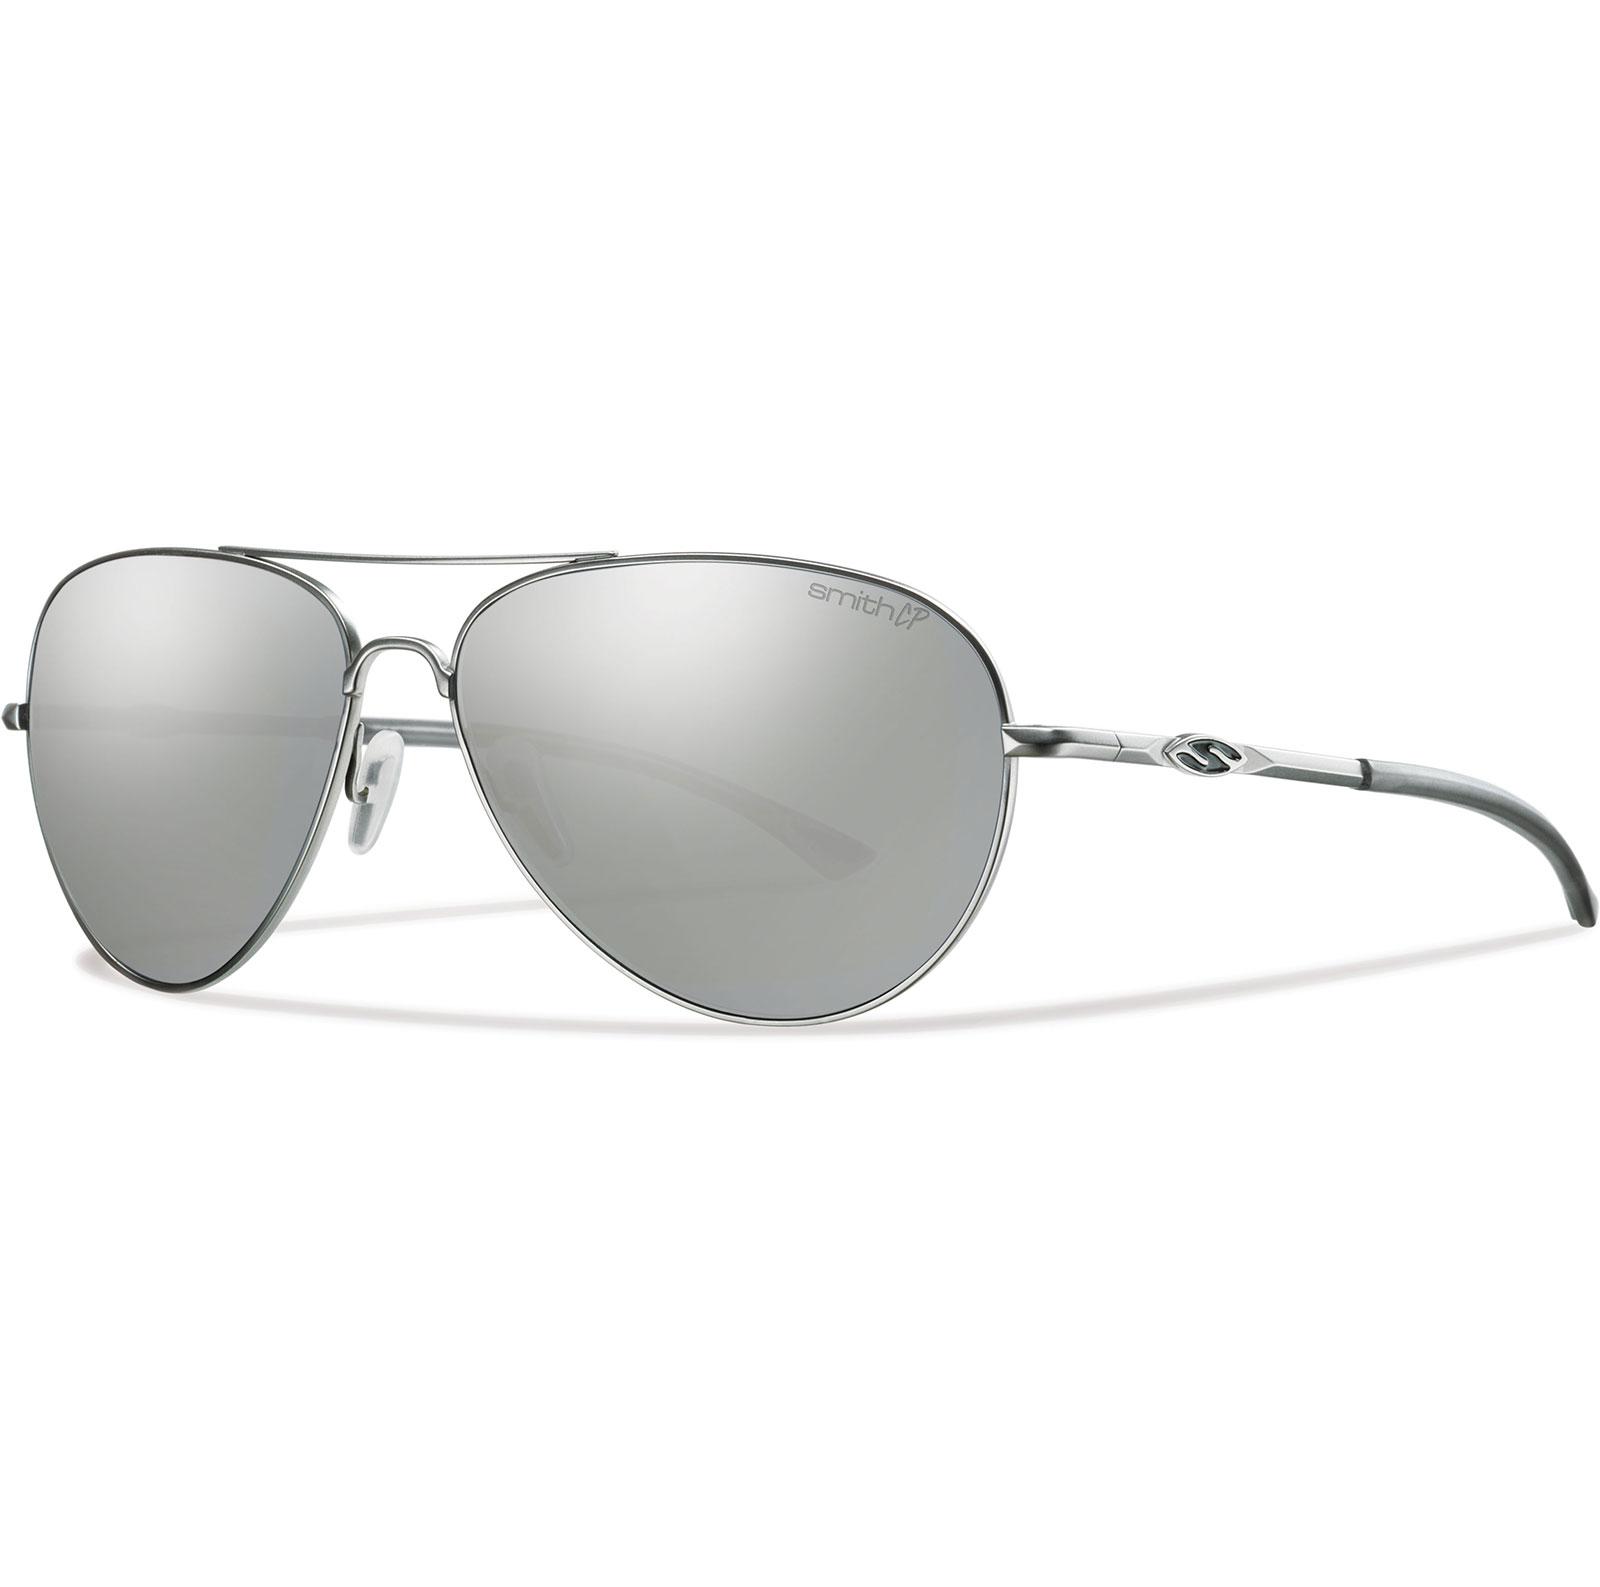 Smith capital polarized fishing sunglasses louisiana for Smith optics fishing